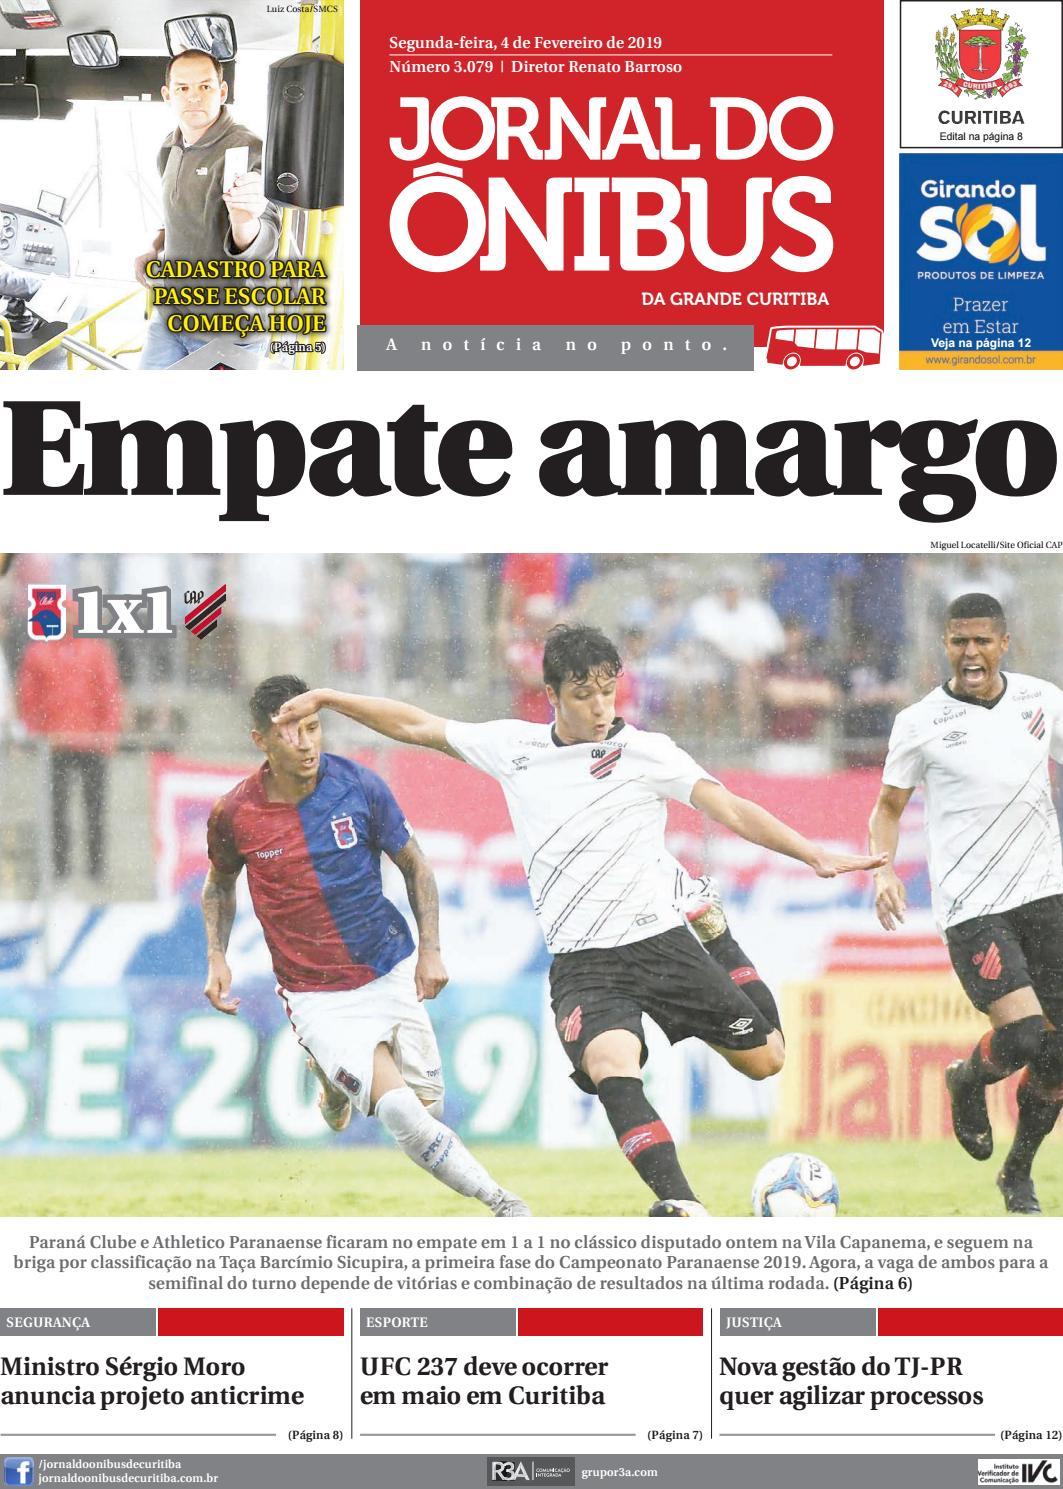 0987d210a Jornal do Ônibus de Curitiba - 04 02 19 by Editora Correio Paranaense -  issuu